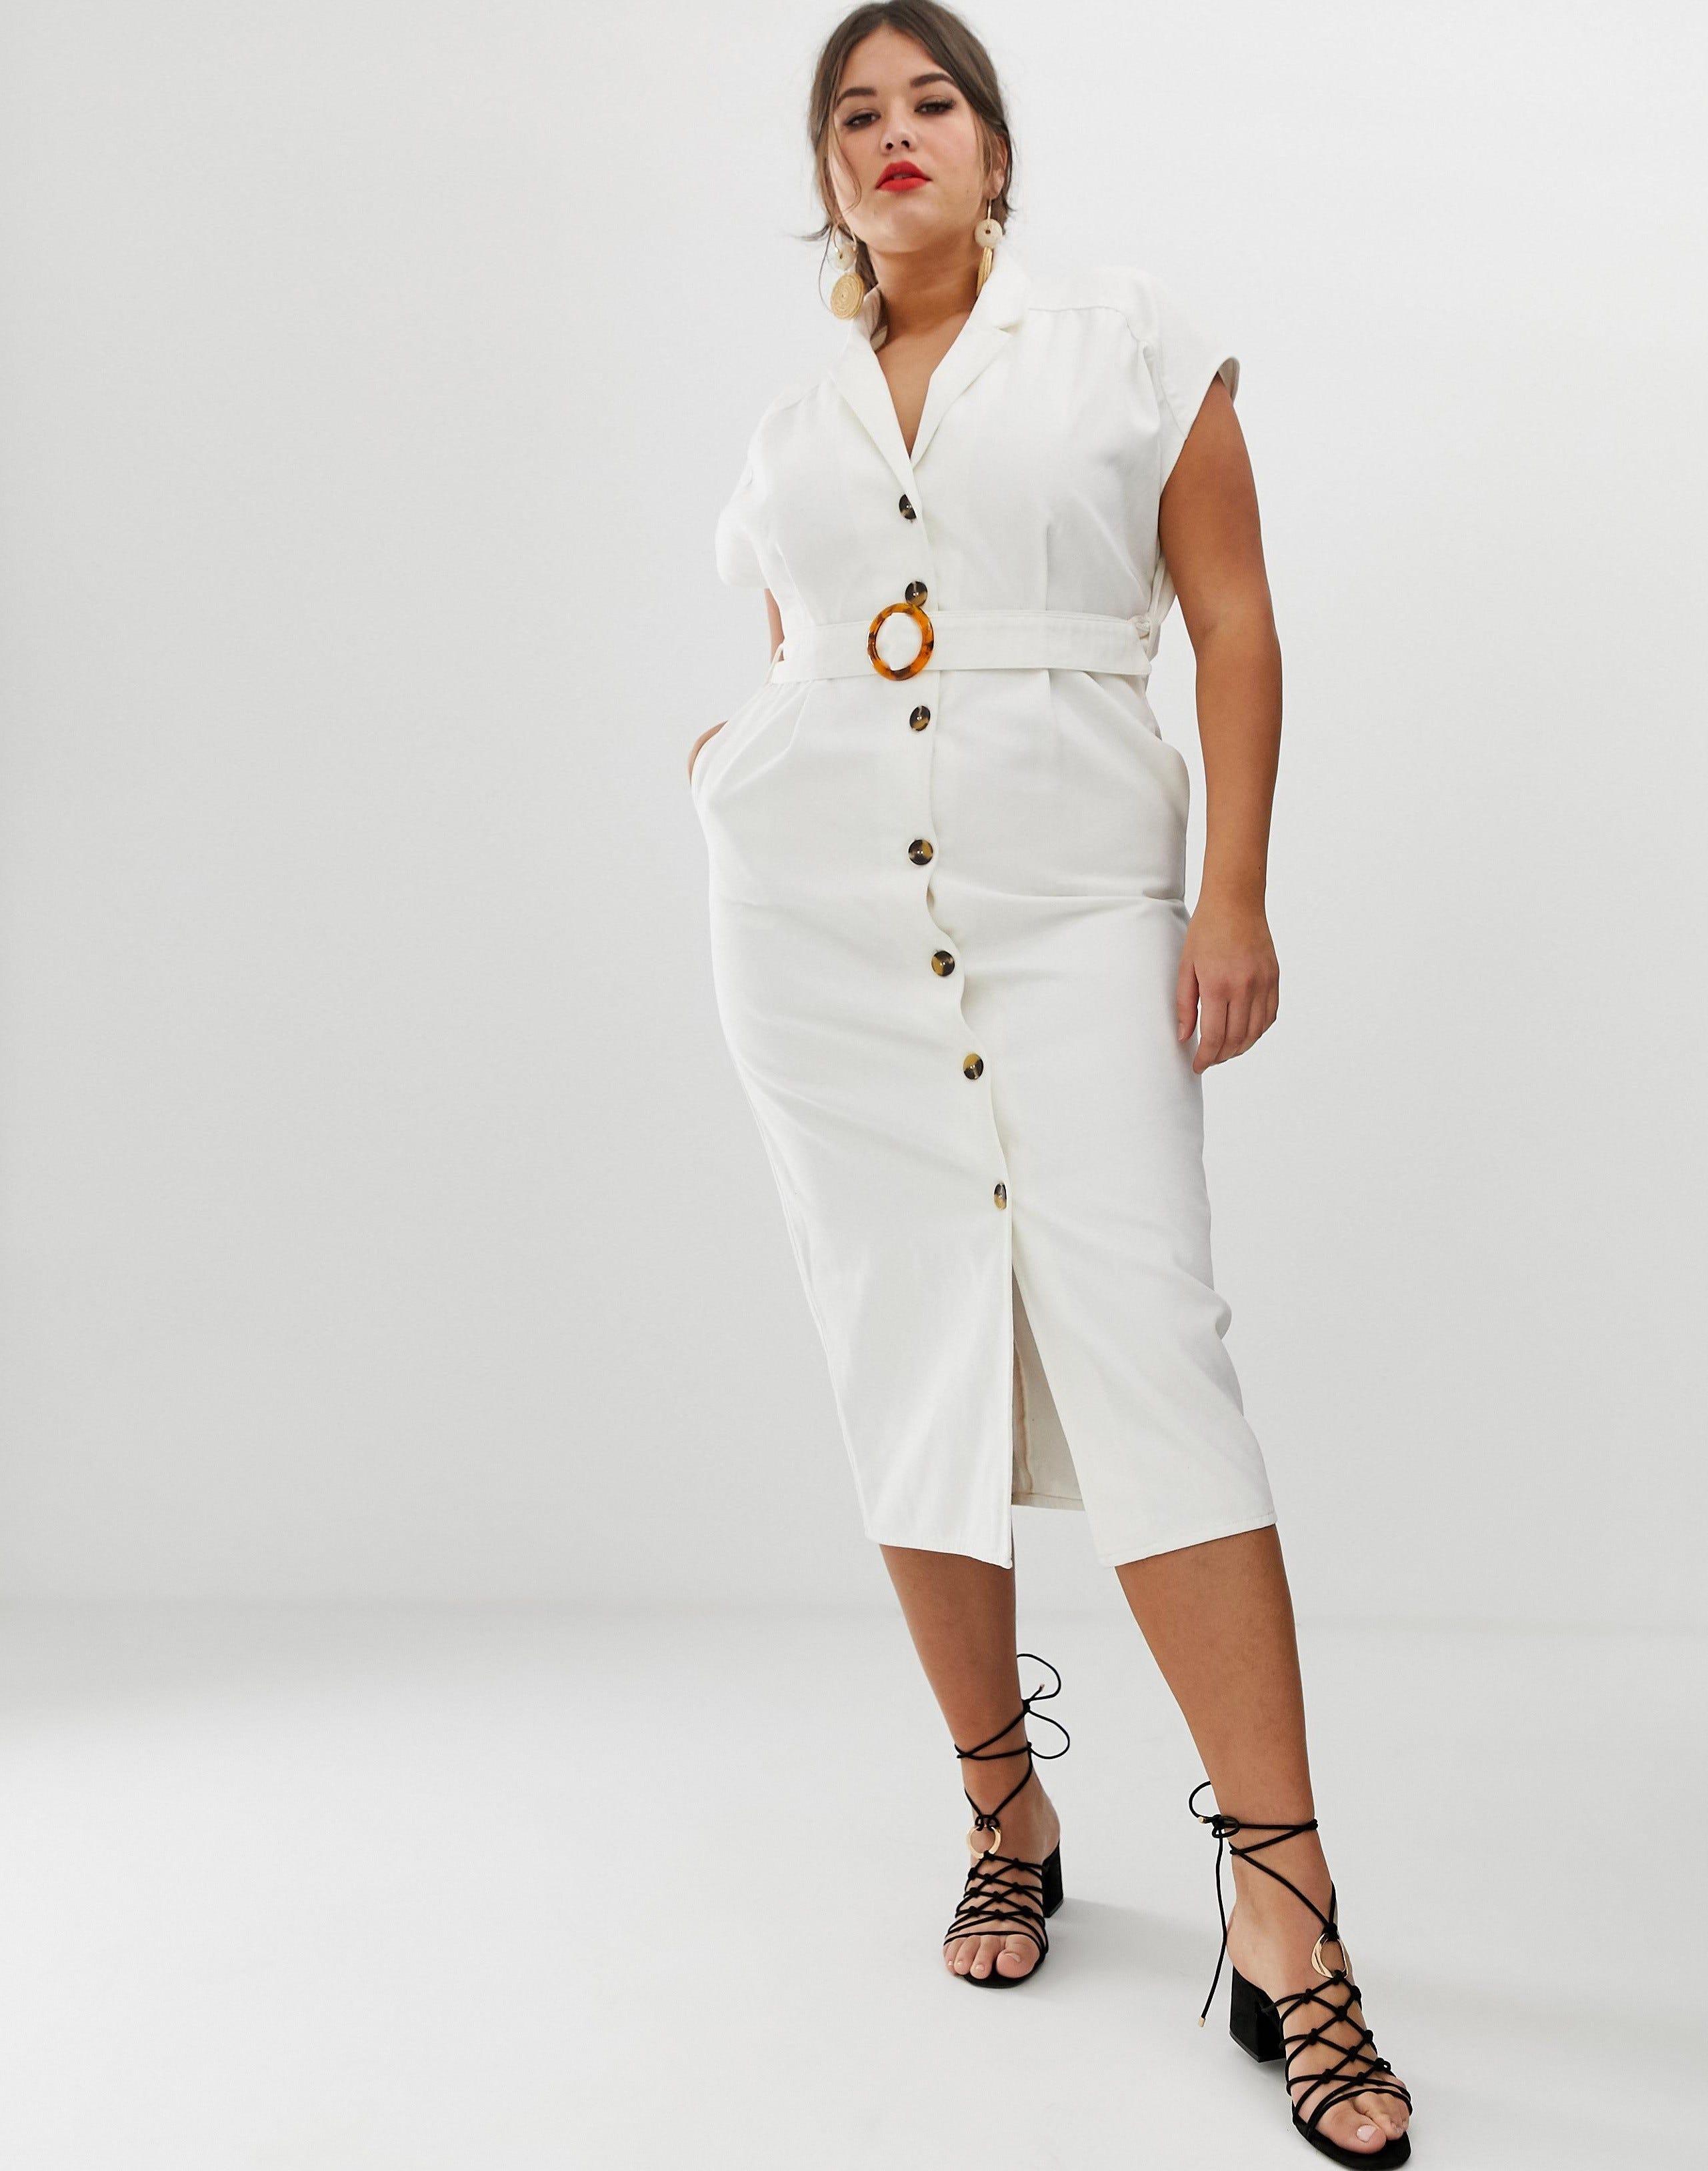 e9cc4d4709c Style White Dresses For Women - Summer 2019 Trends